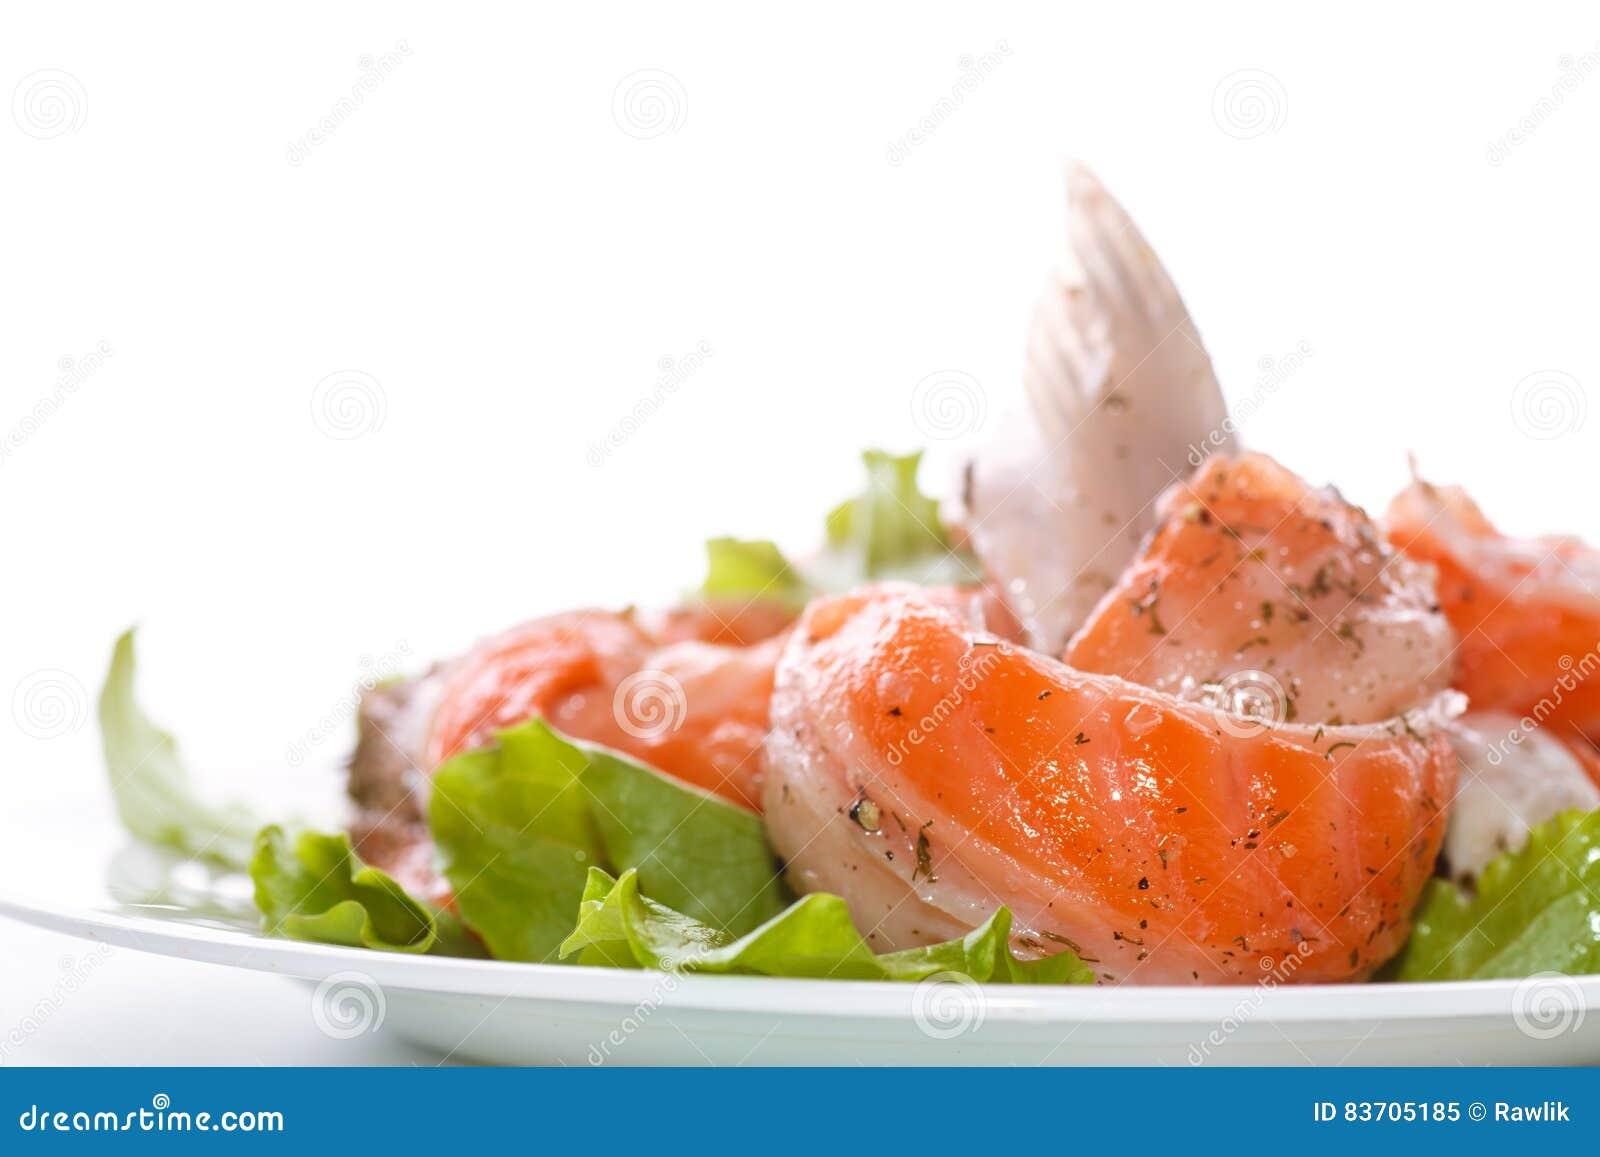 How to salt salmon abdomen